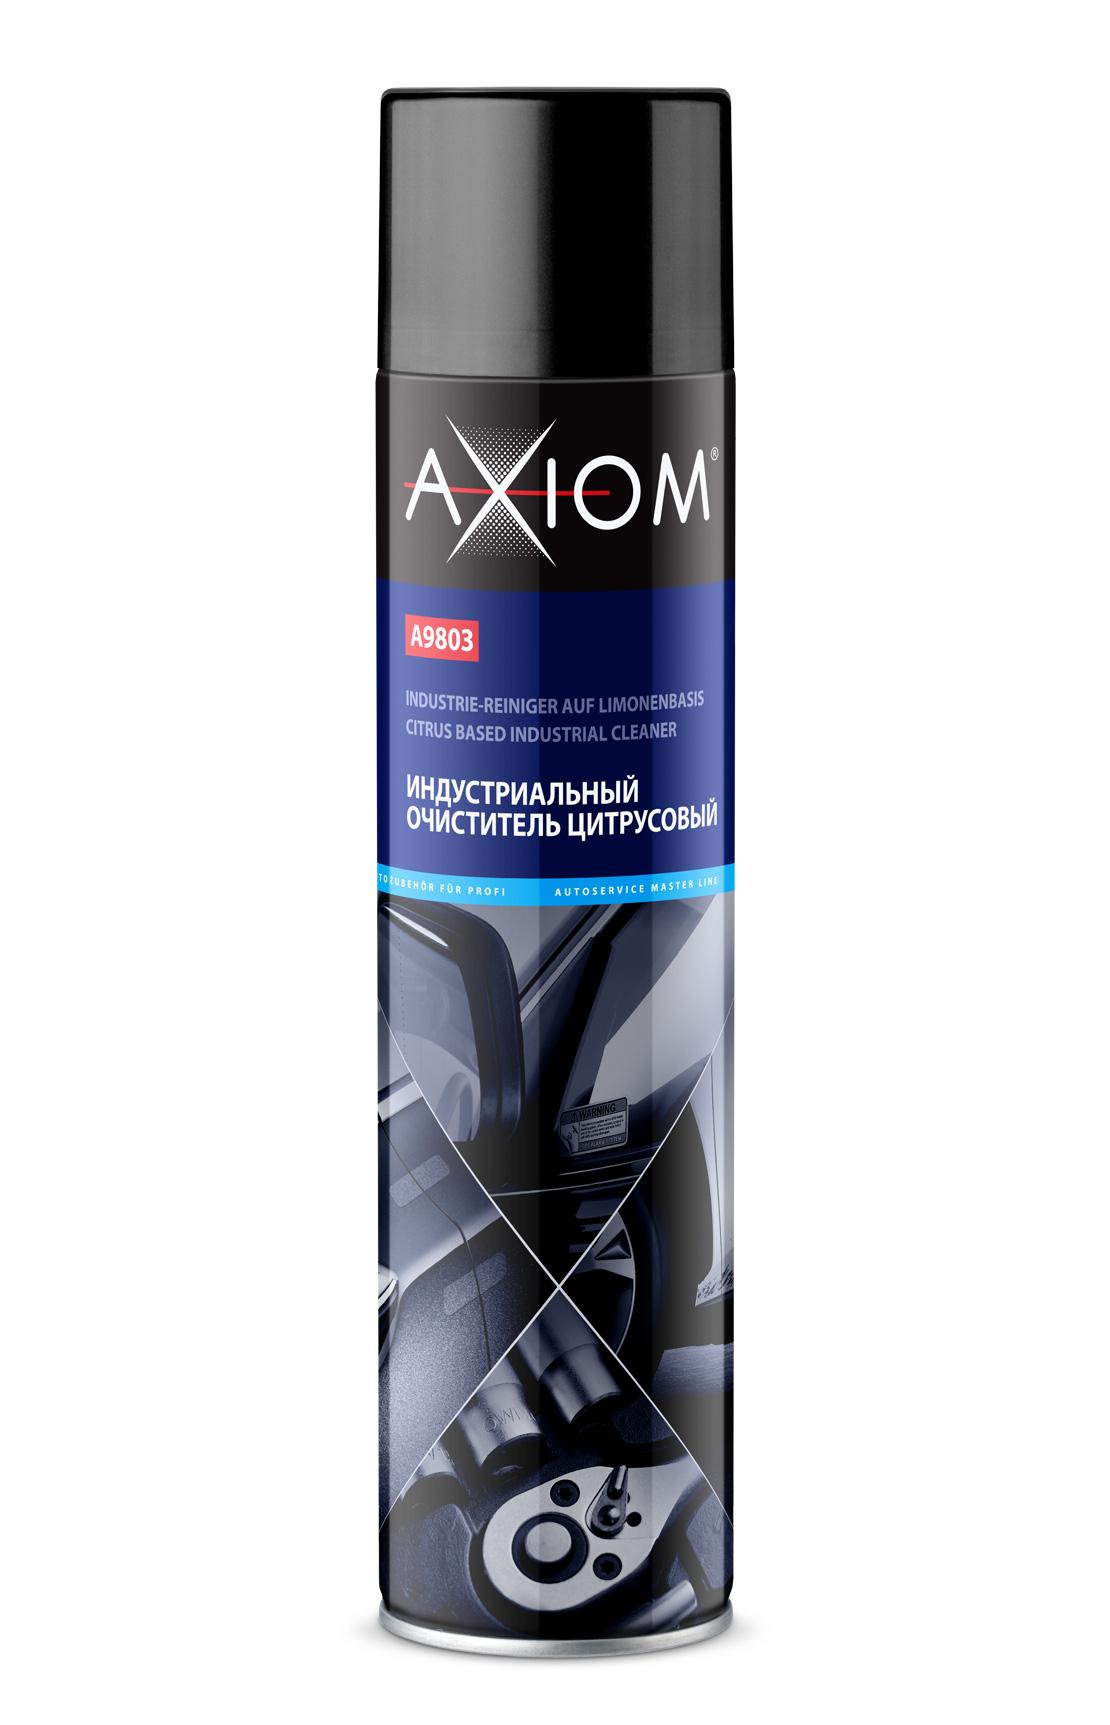 Индустриальный очиститель цитрусовый 800 мл. AXIOM (A9803)